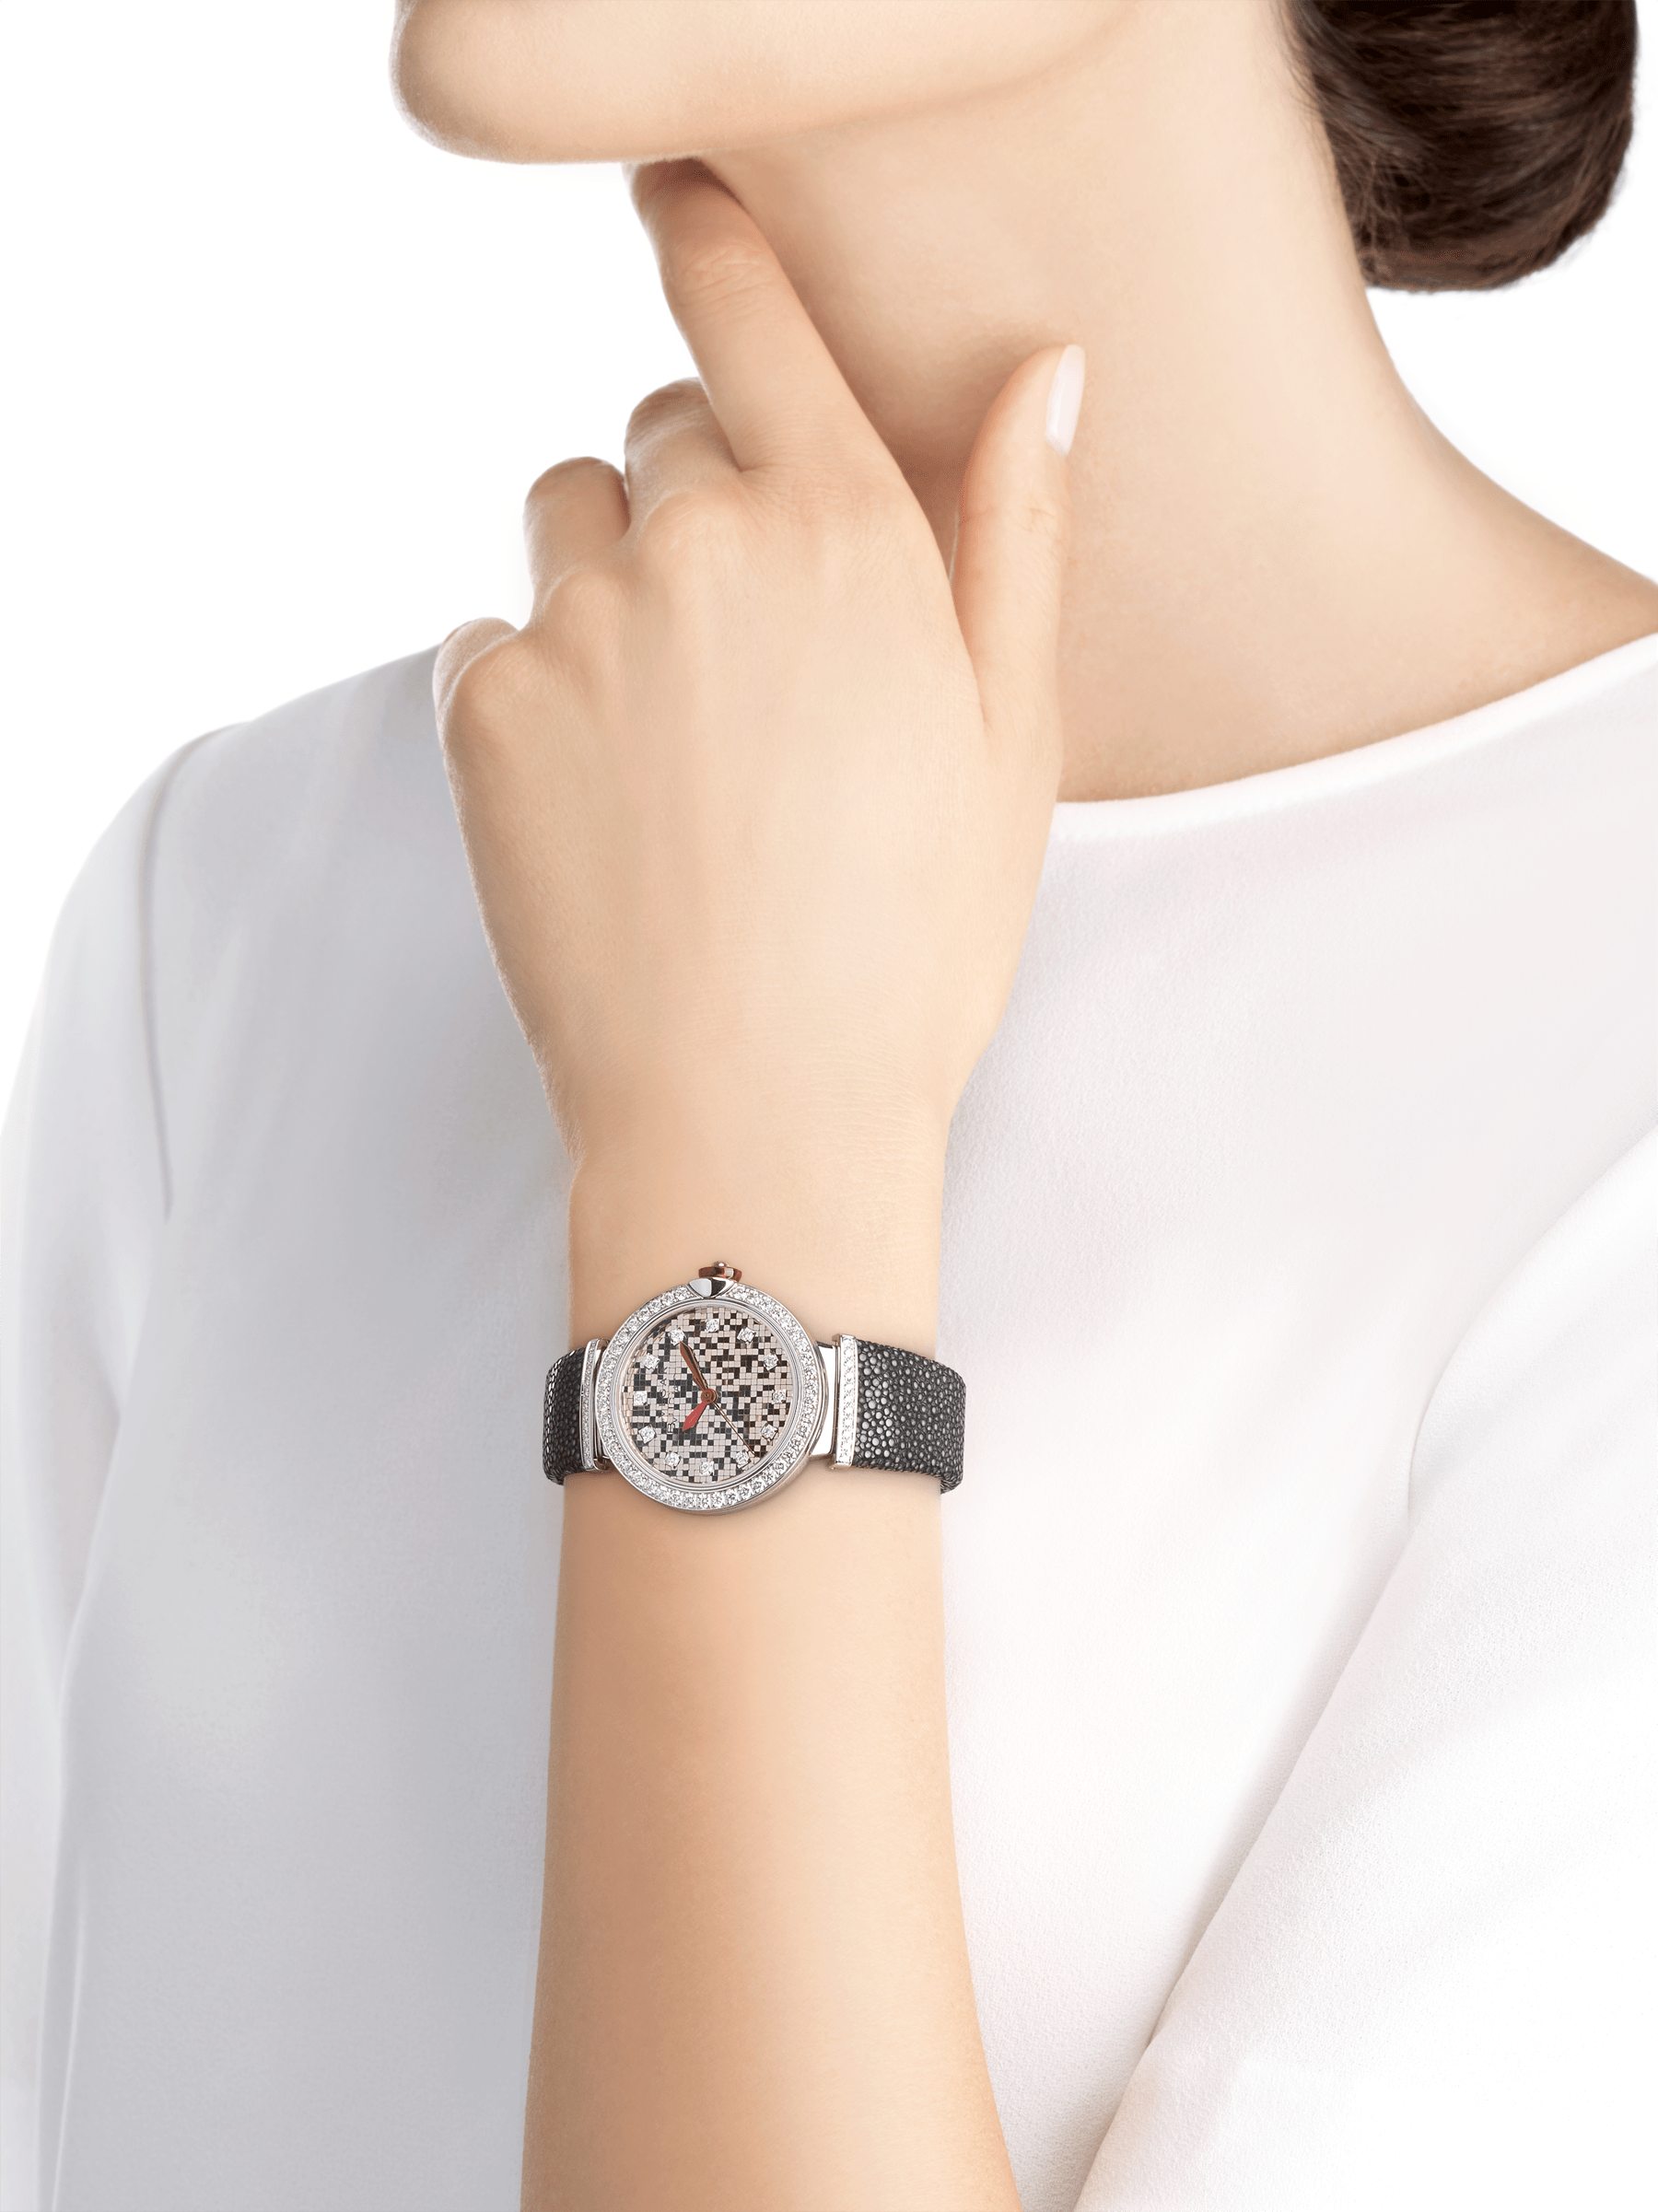 Montre LVCEA avec boîtier en or blanc 18K serti de diamants, cadran mosaïque en or blanc 18K et bracelet en galuchat. 102830 image 4